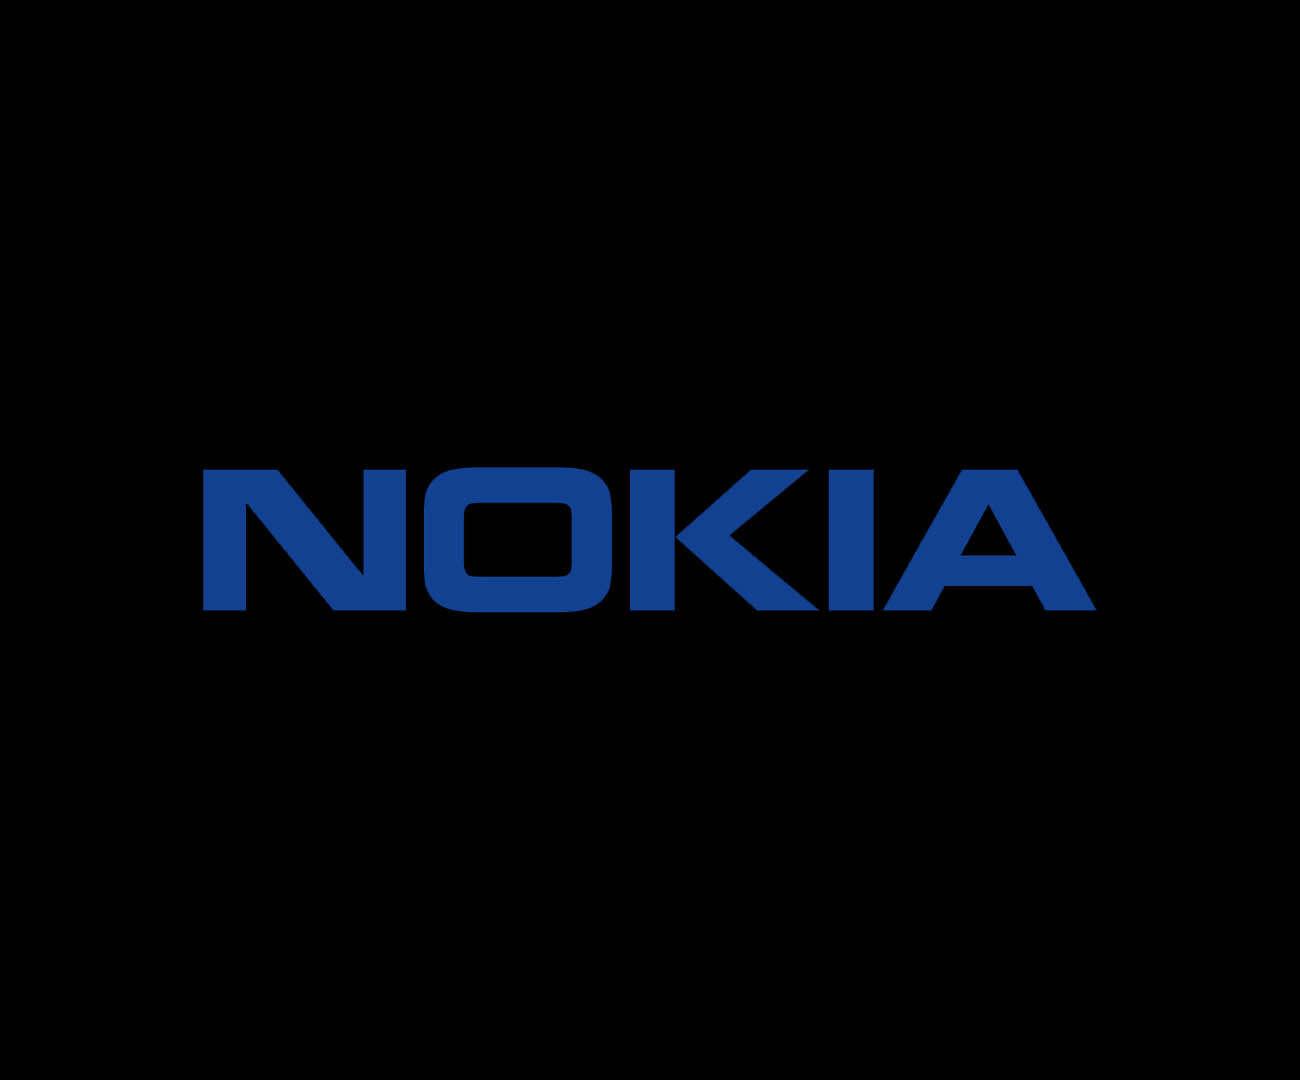 Specyfikacja Nokii 5.4 wyciekła. Zwykły, prosty telefon